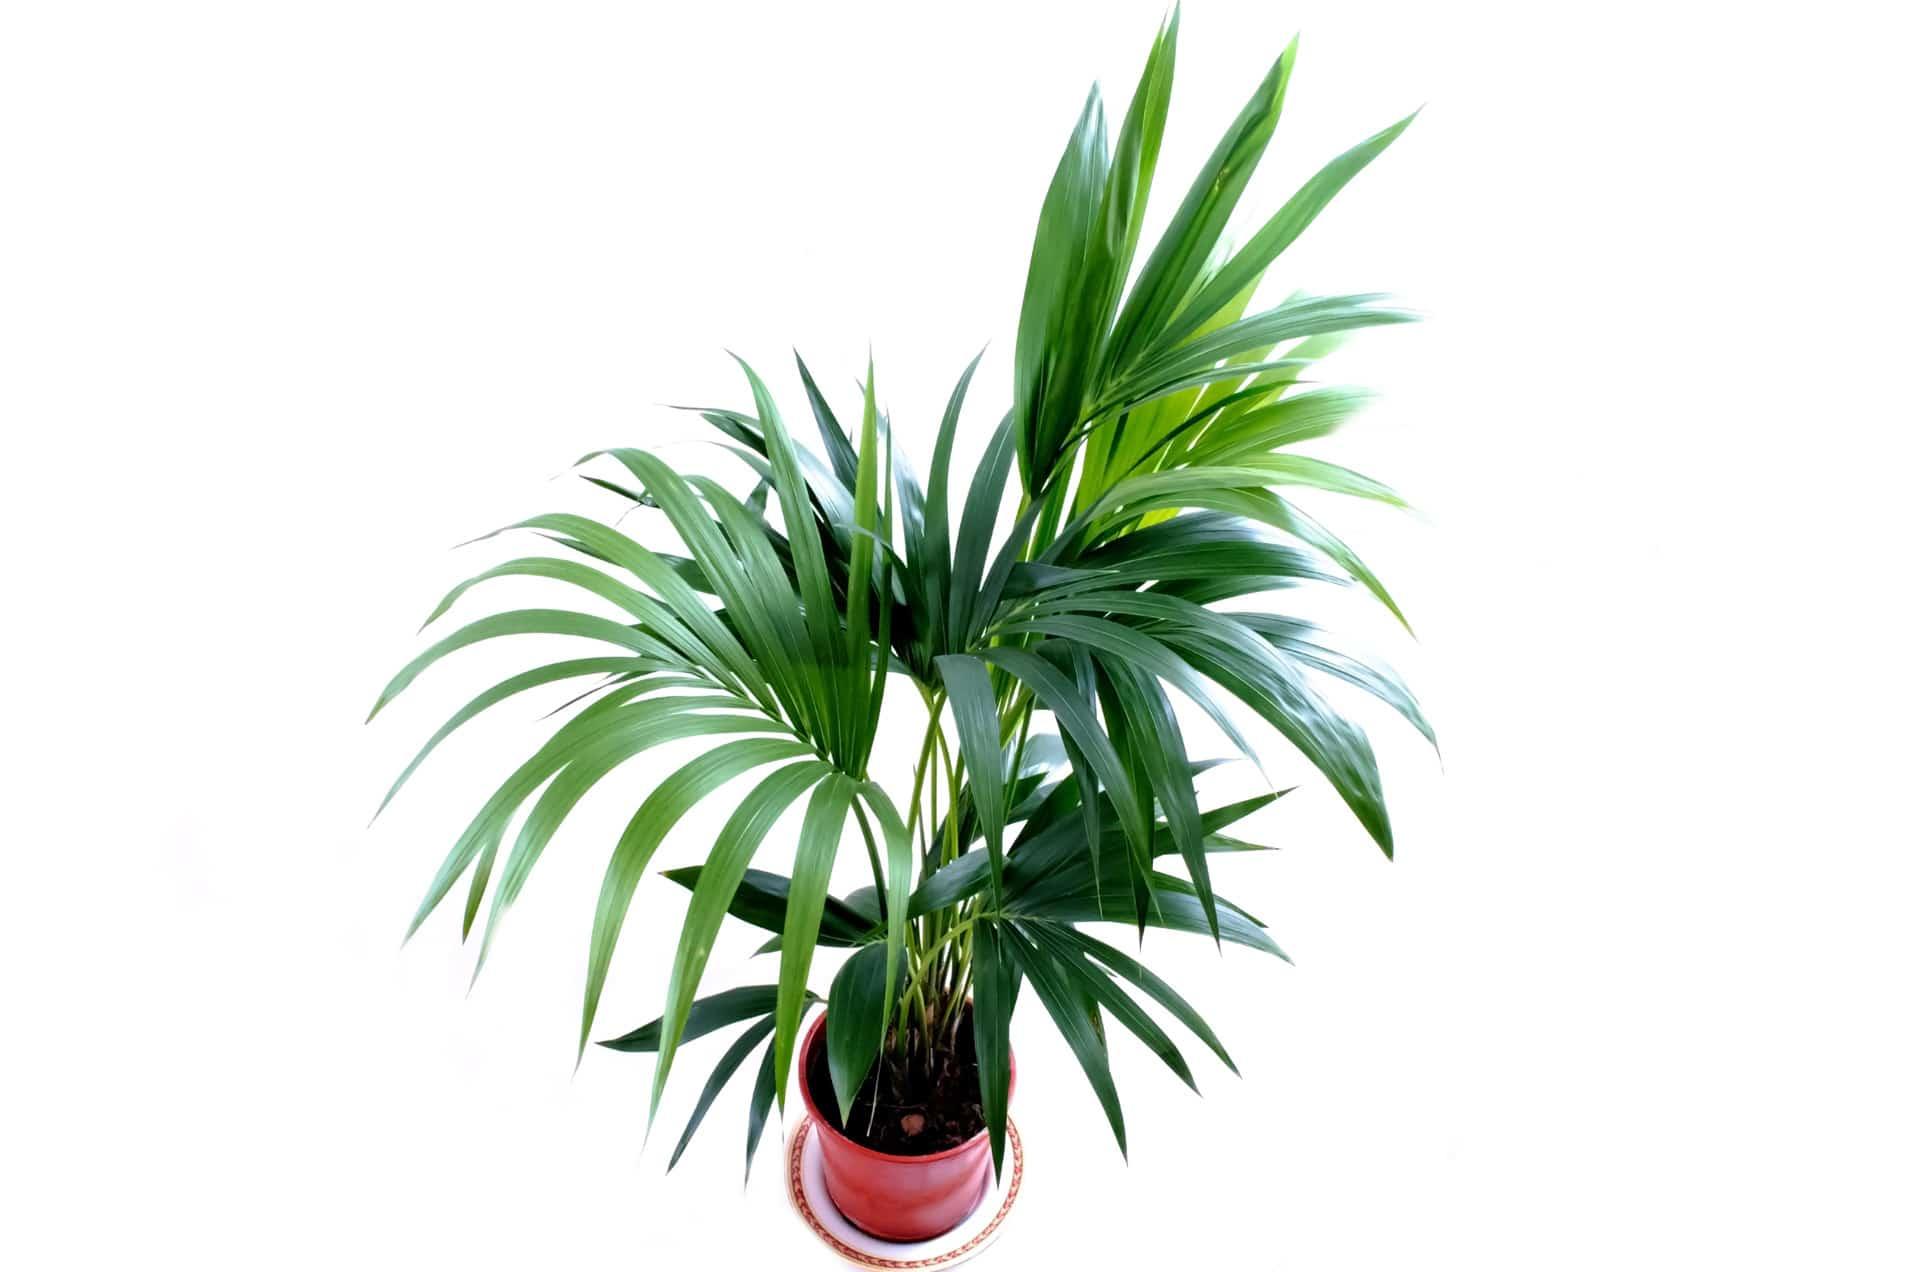 La kentia es una palmera unicaule